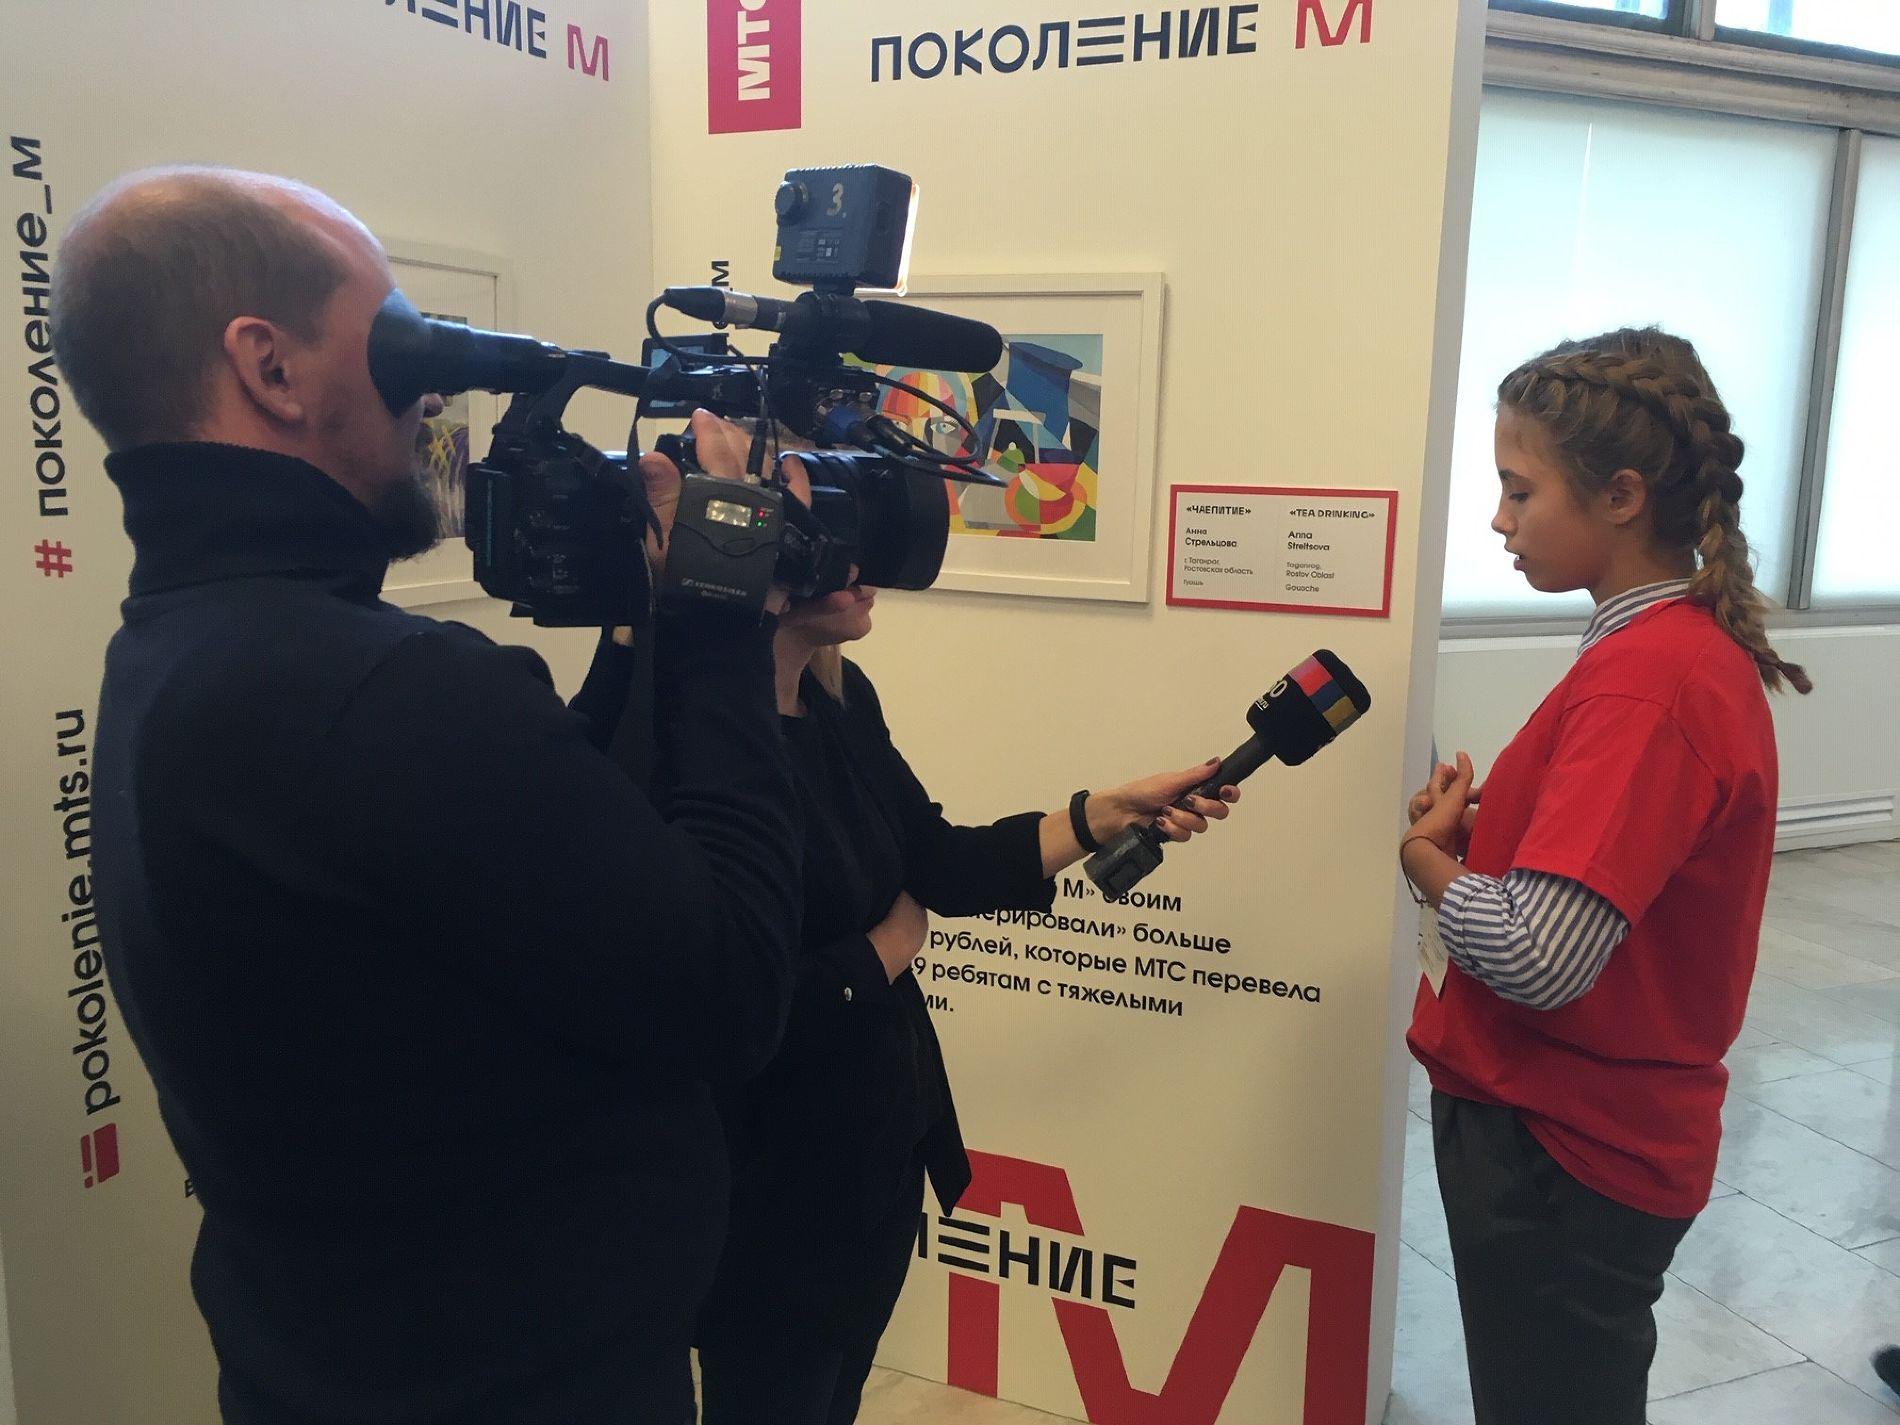 ВТретьяковской галерее выставили работы донских школьников